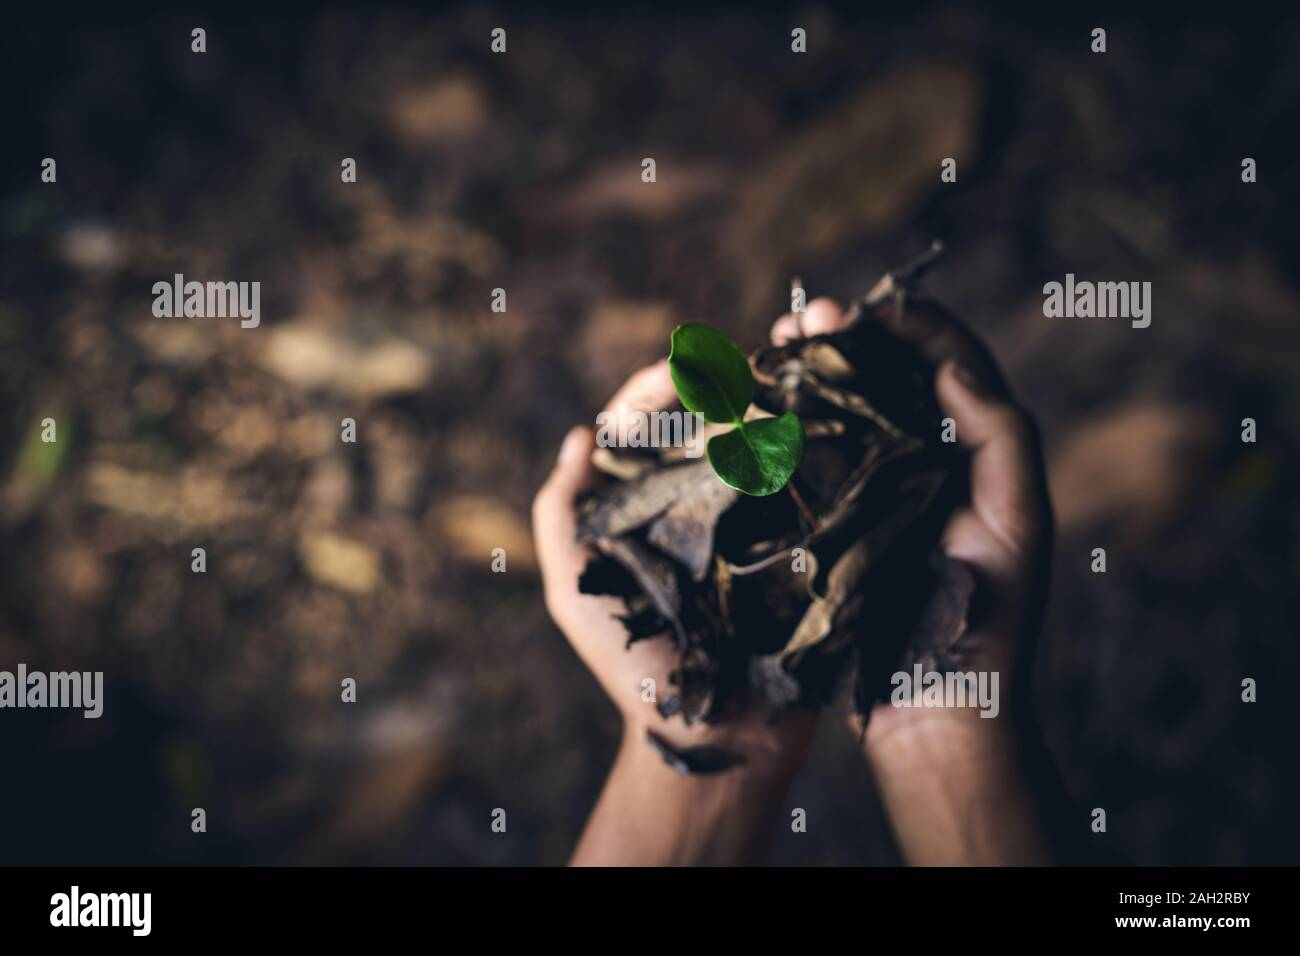 Junge Hände halten junge Bäume für die Anpflanzung von der globalen Erwärmung zu reduzieren, der Erhaltung der Wälder Stockfoto